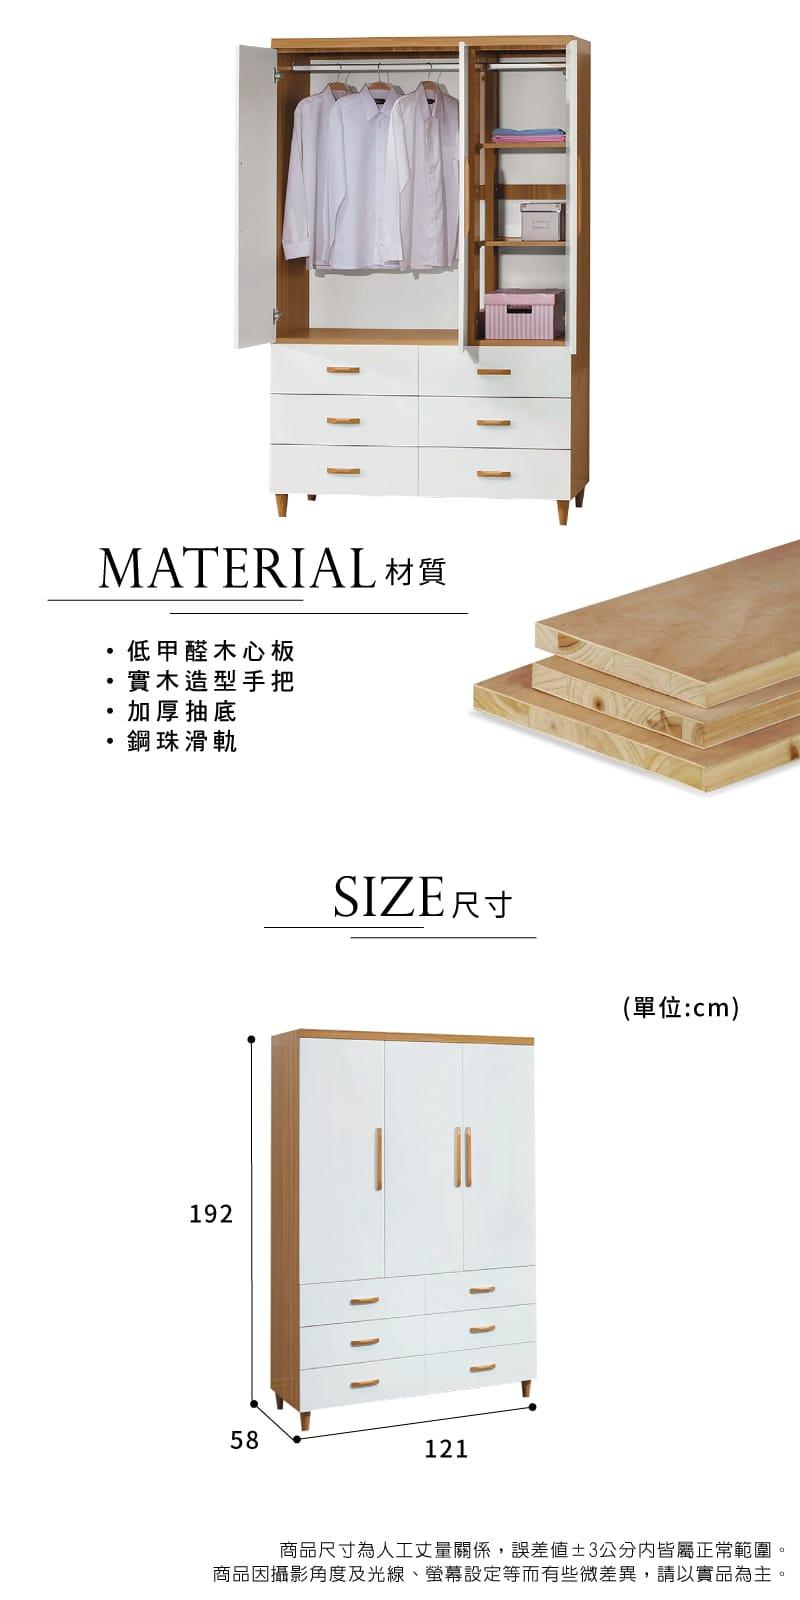 拉門收納置物衣櫃 寬121cm【寶格麗】